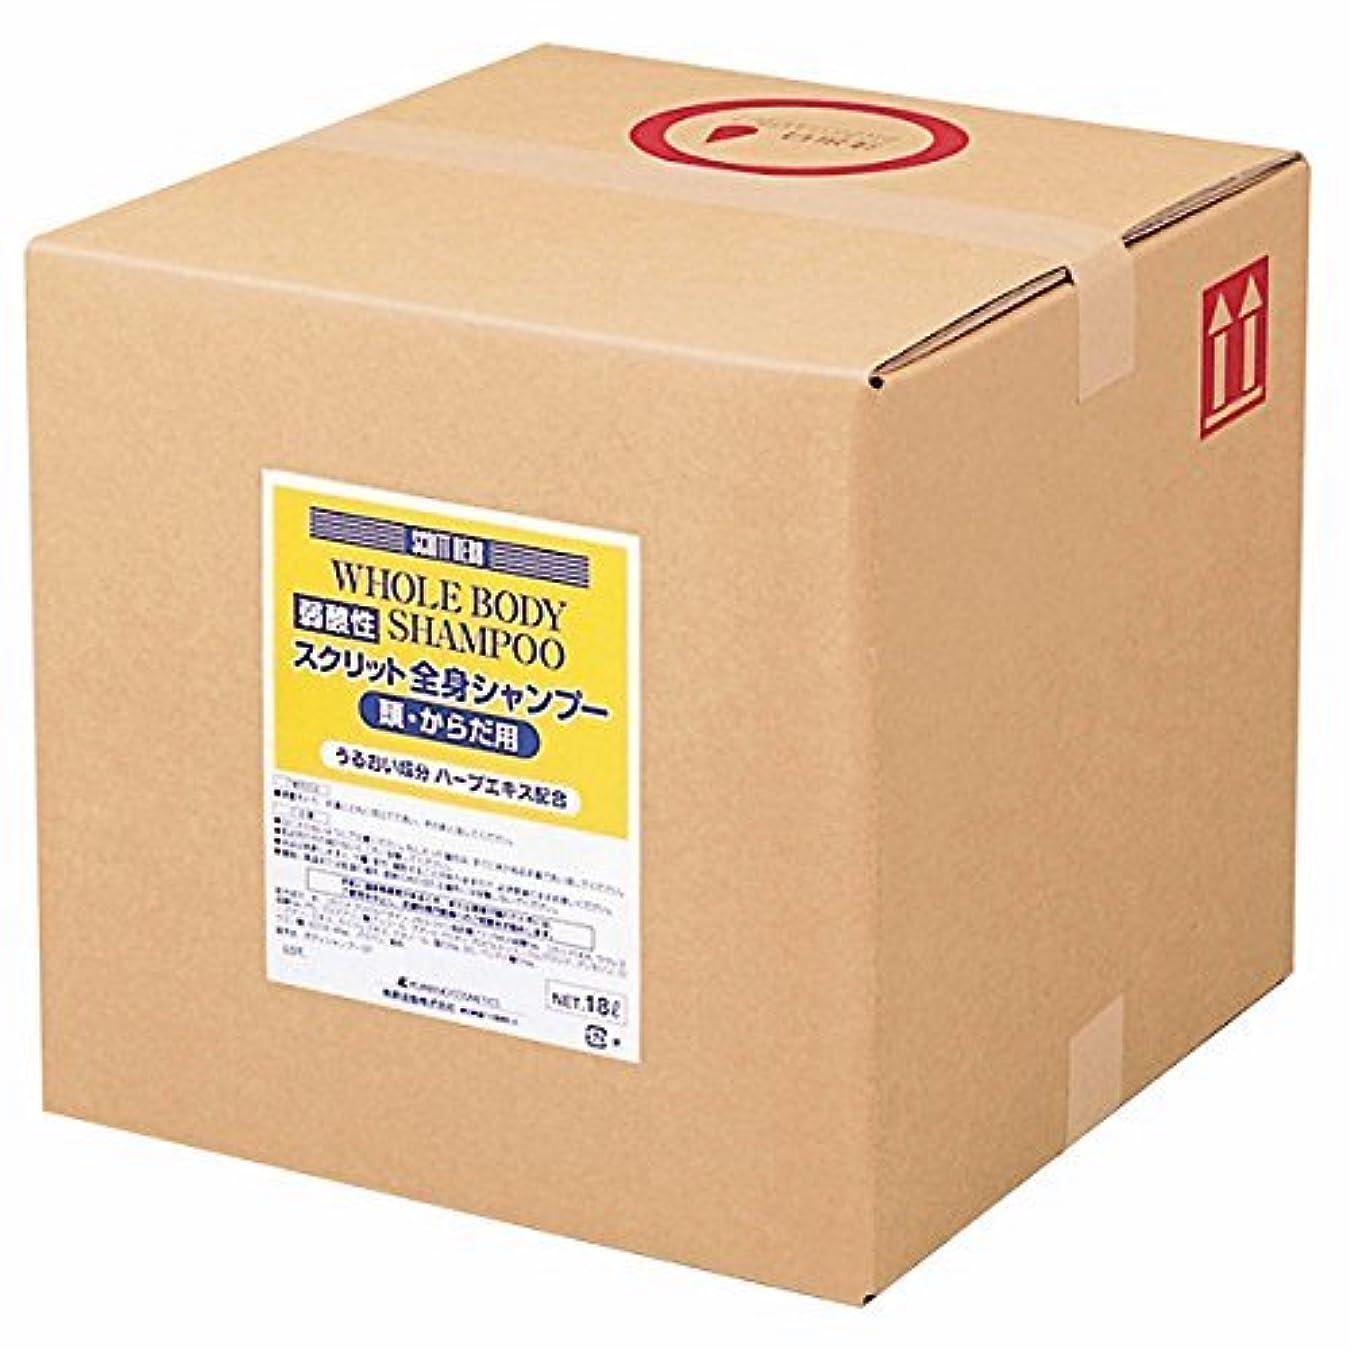 気分が悪い徹底的に毎日熊野油脂 業務用 SCRITT(スクリット) 全身シャンプー 18L